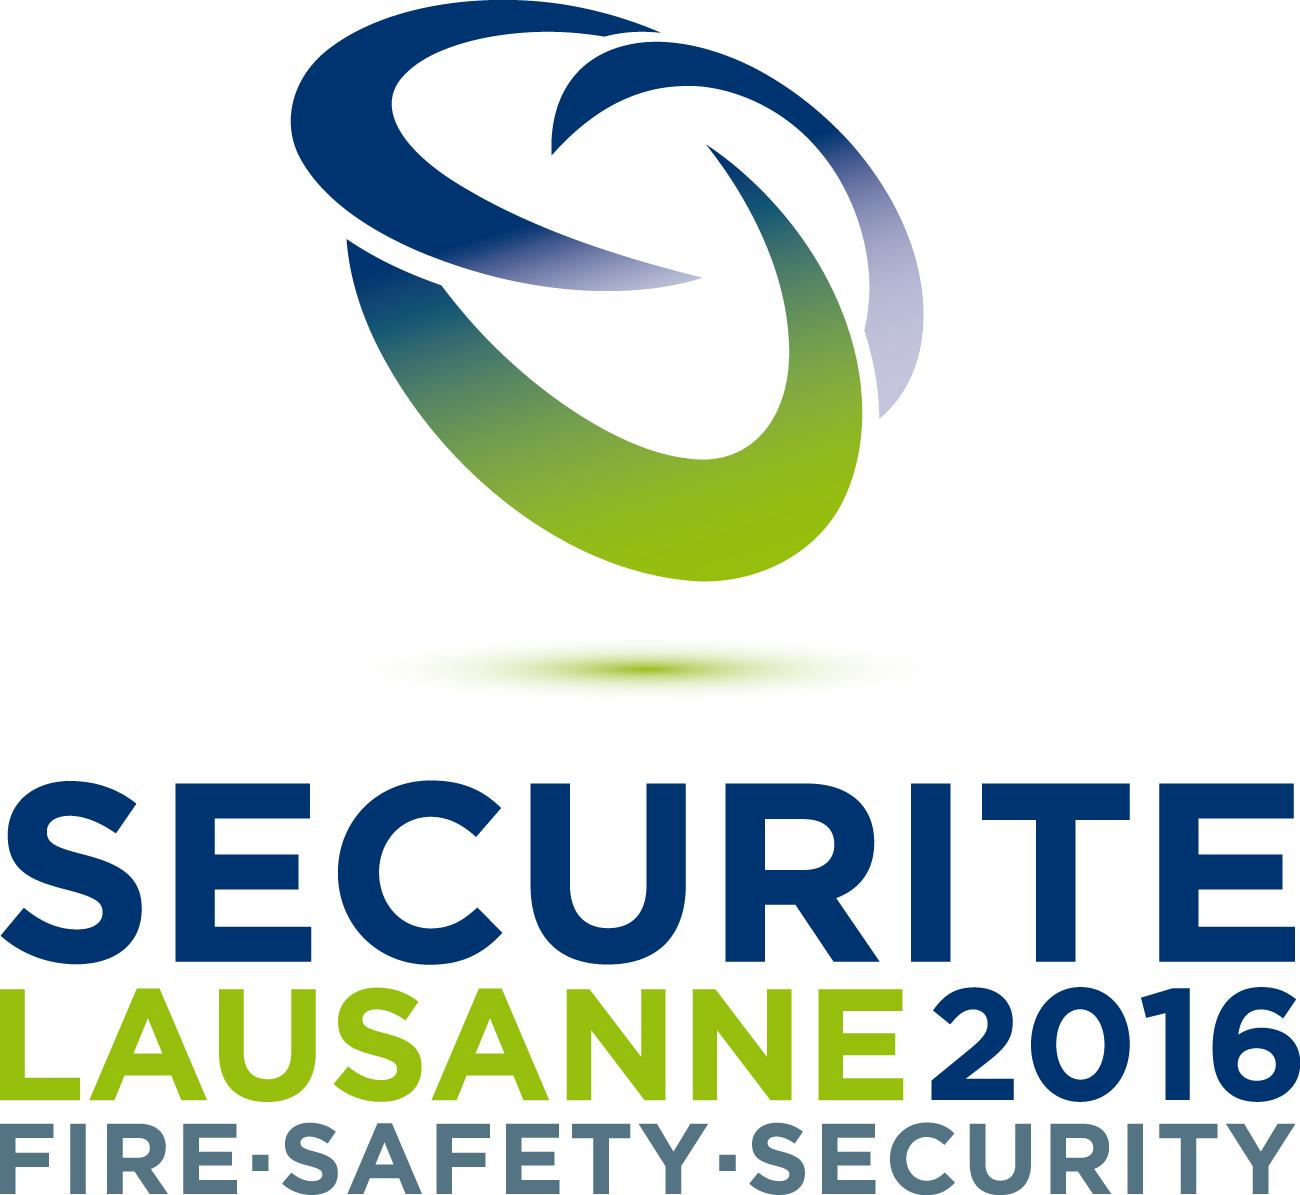 SECURITE LAUSANNE 2016